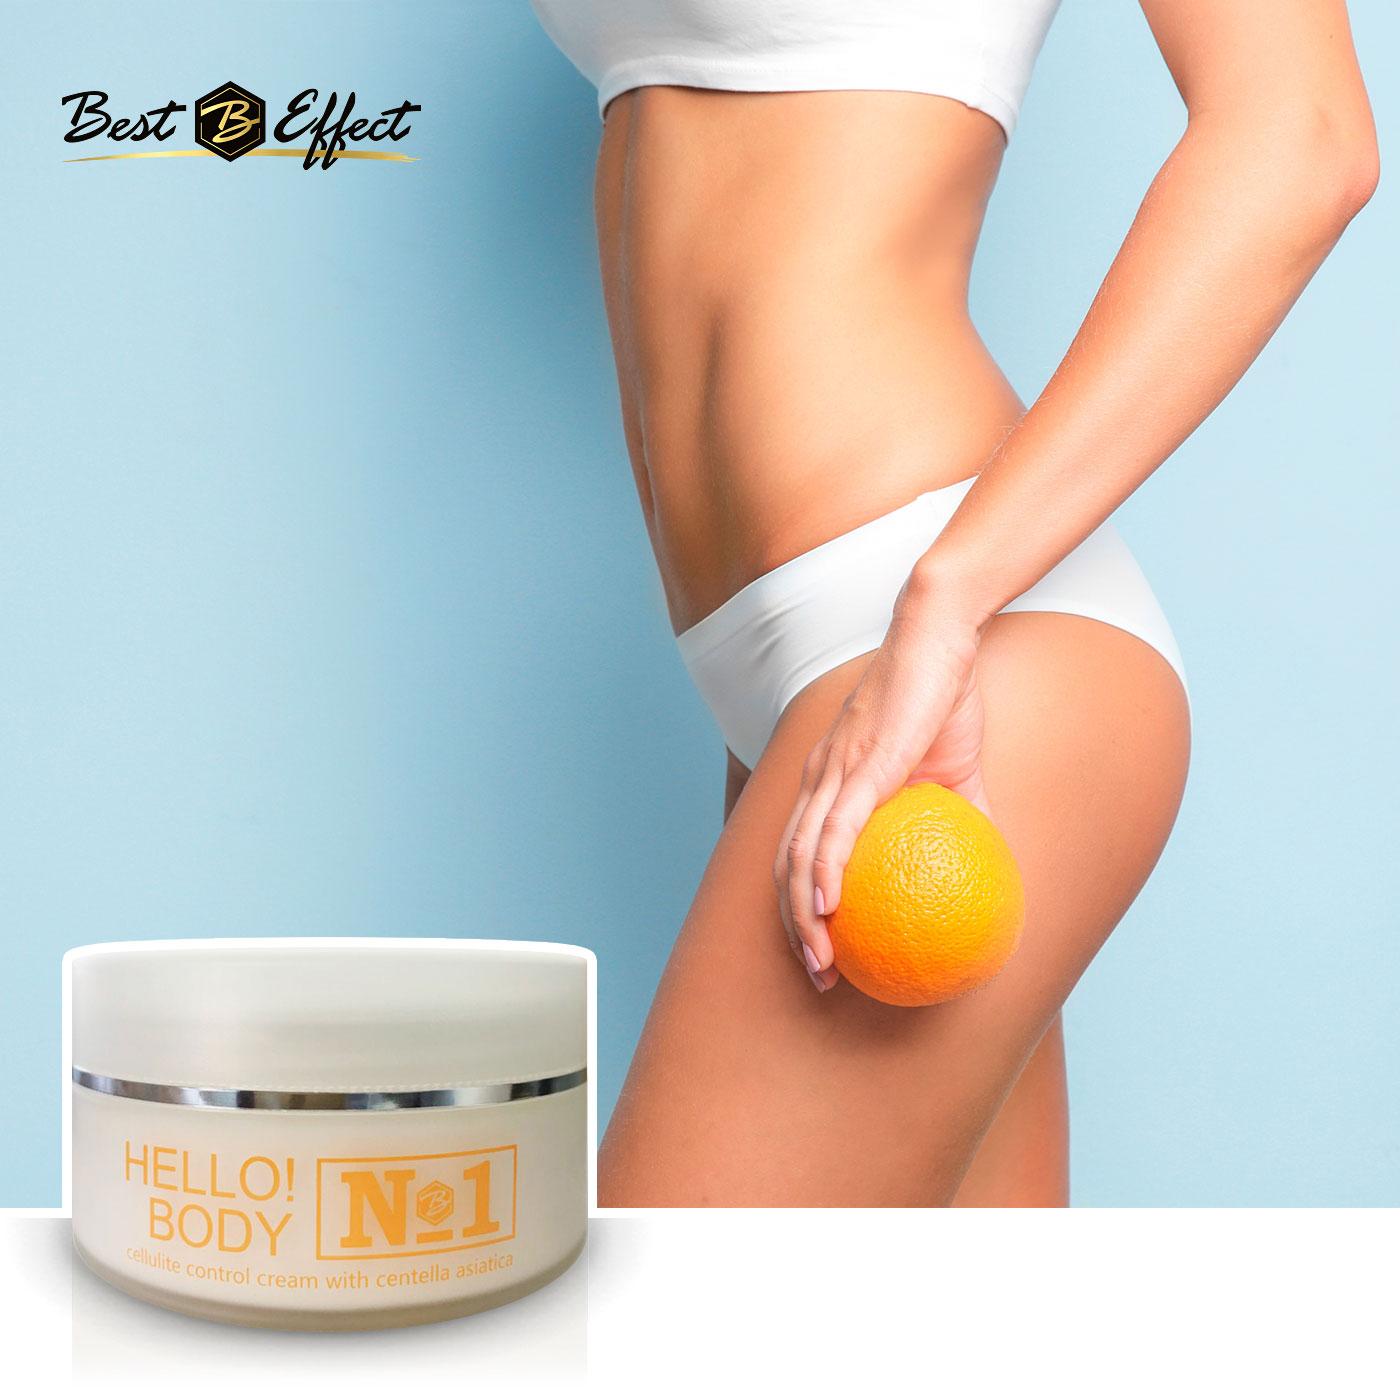 Hello!Body N1 cellulite control cream